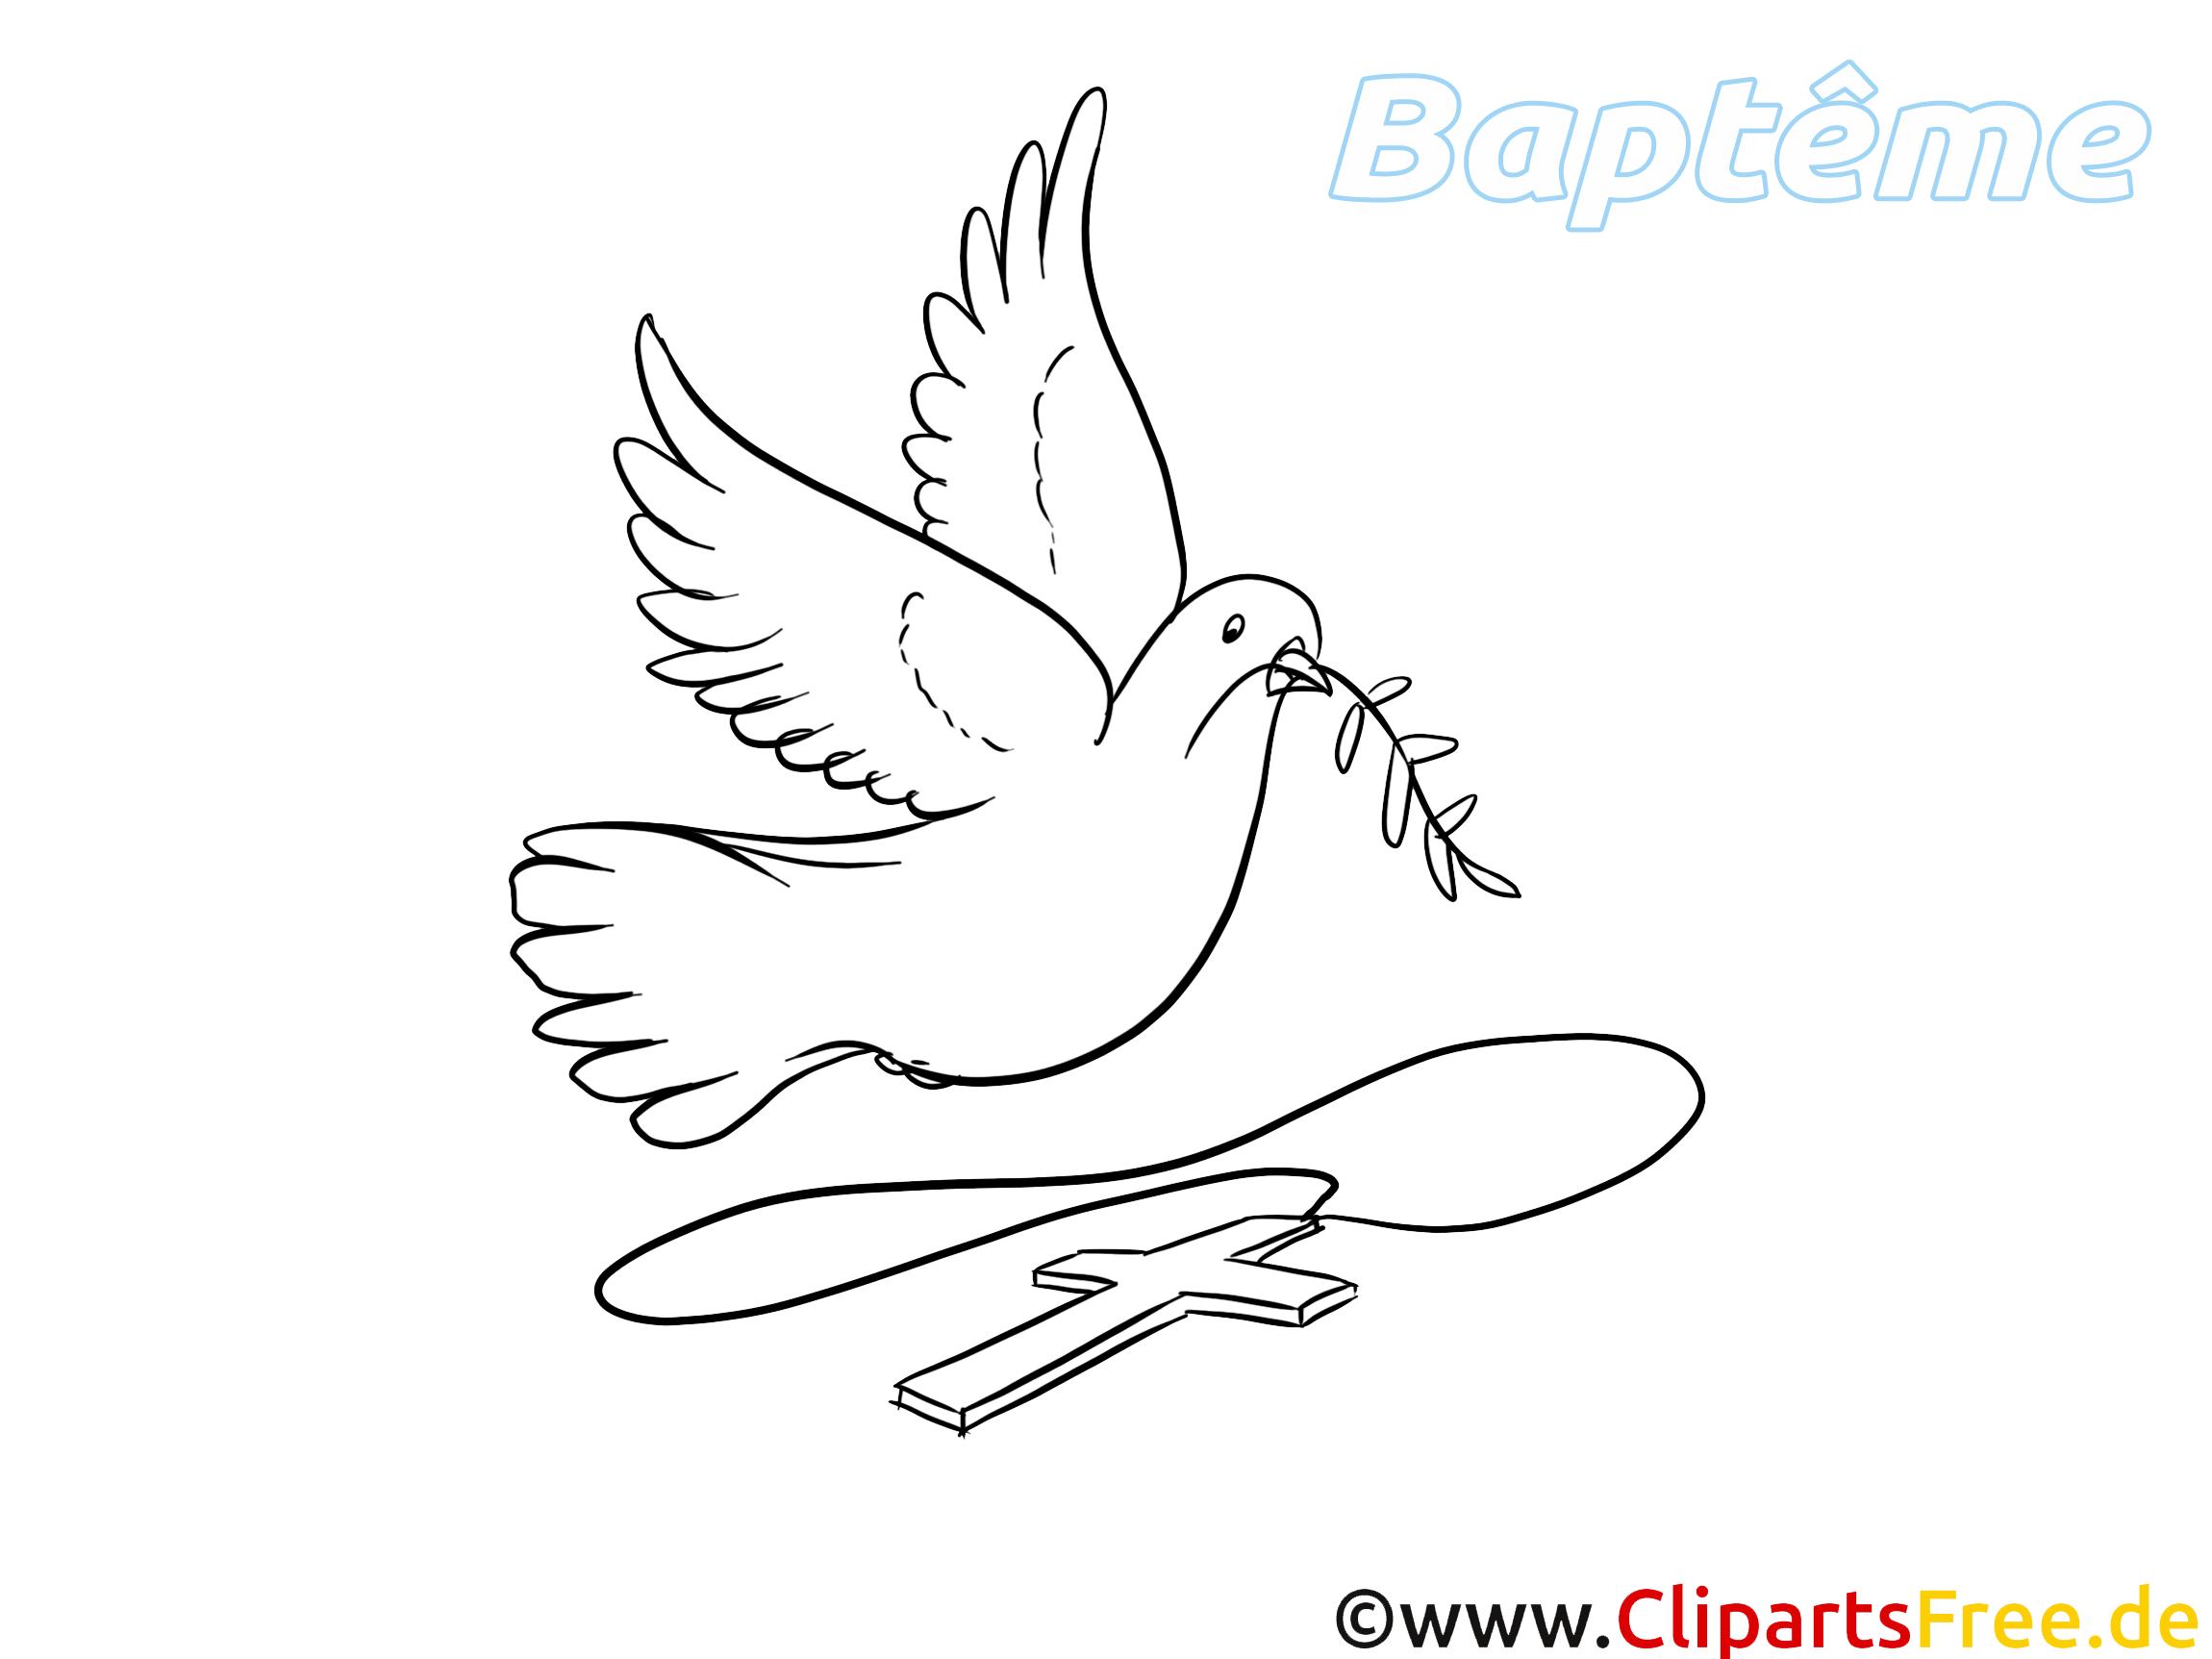 Pigeon Dessin A Imprimer Bapteme Image Bapteme Dessin Picture Image Graphic Clip Art Telecharger Gratuit